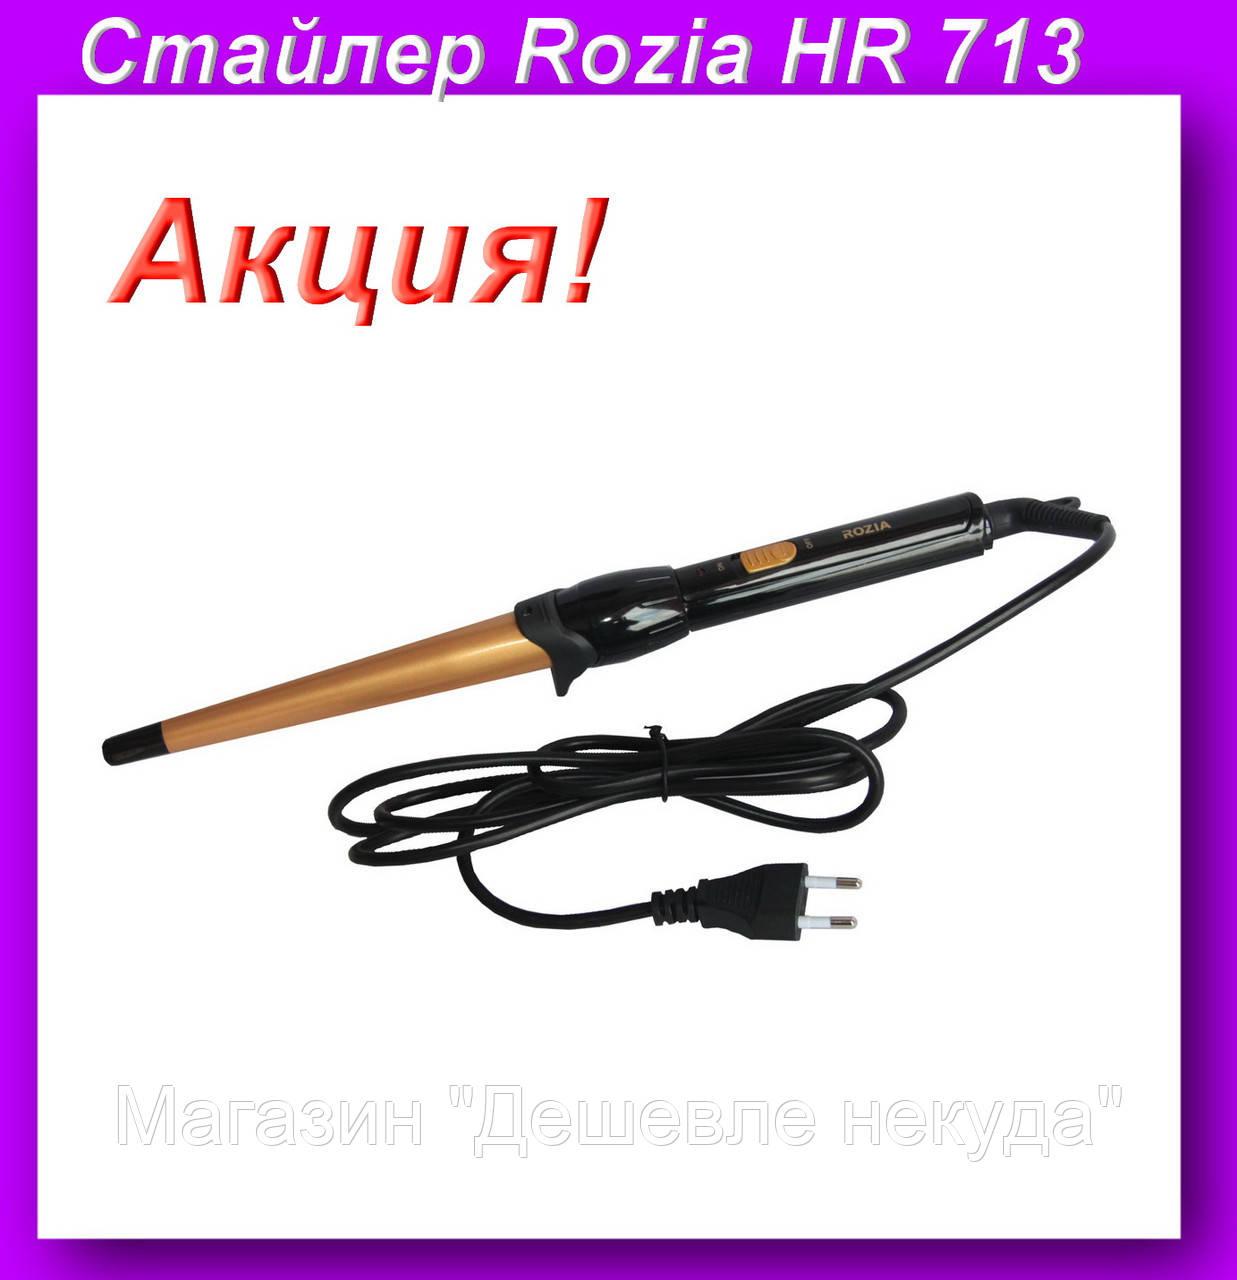 """Rozia HR 713 Стайлер для Волос,Стайлер для вьющиеся локон!Акция - Магазин """"Дешевле некуда"""" в Одессе"""